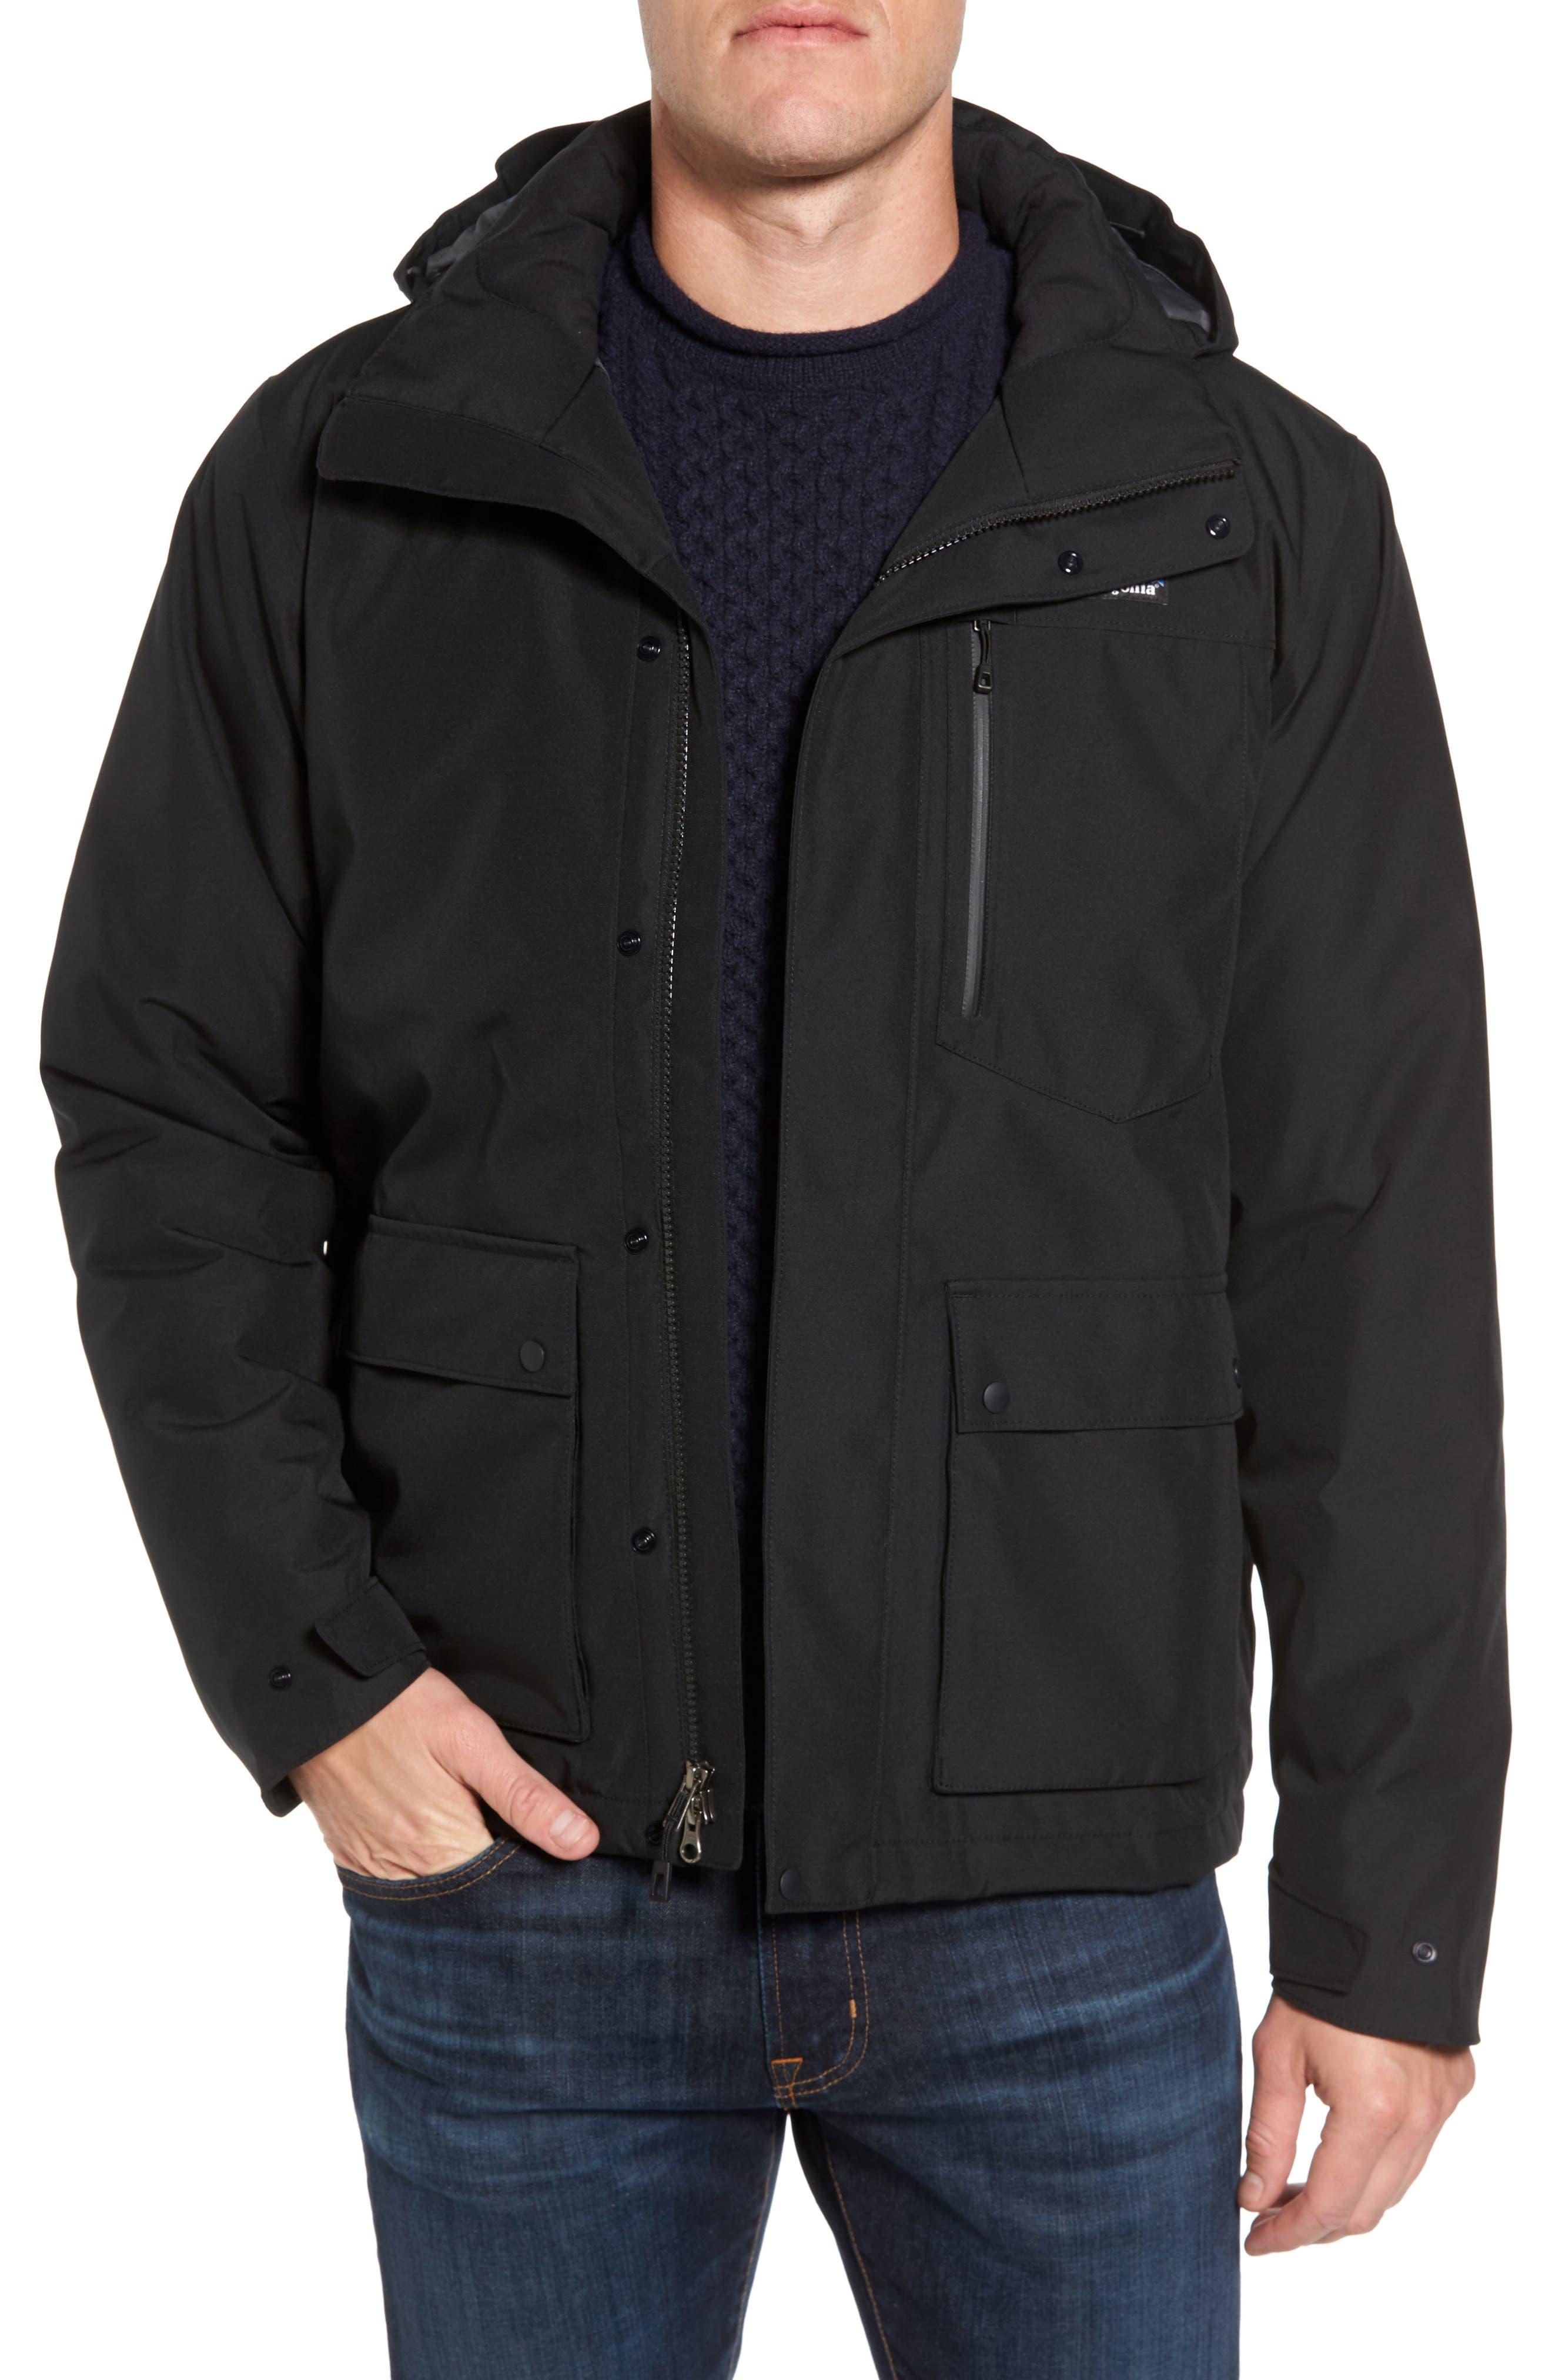 Topley Waterproof Down Jacket,                         Main,                         color, Black